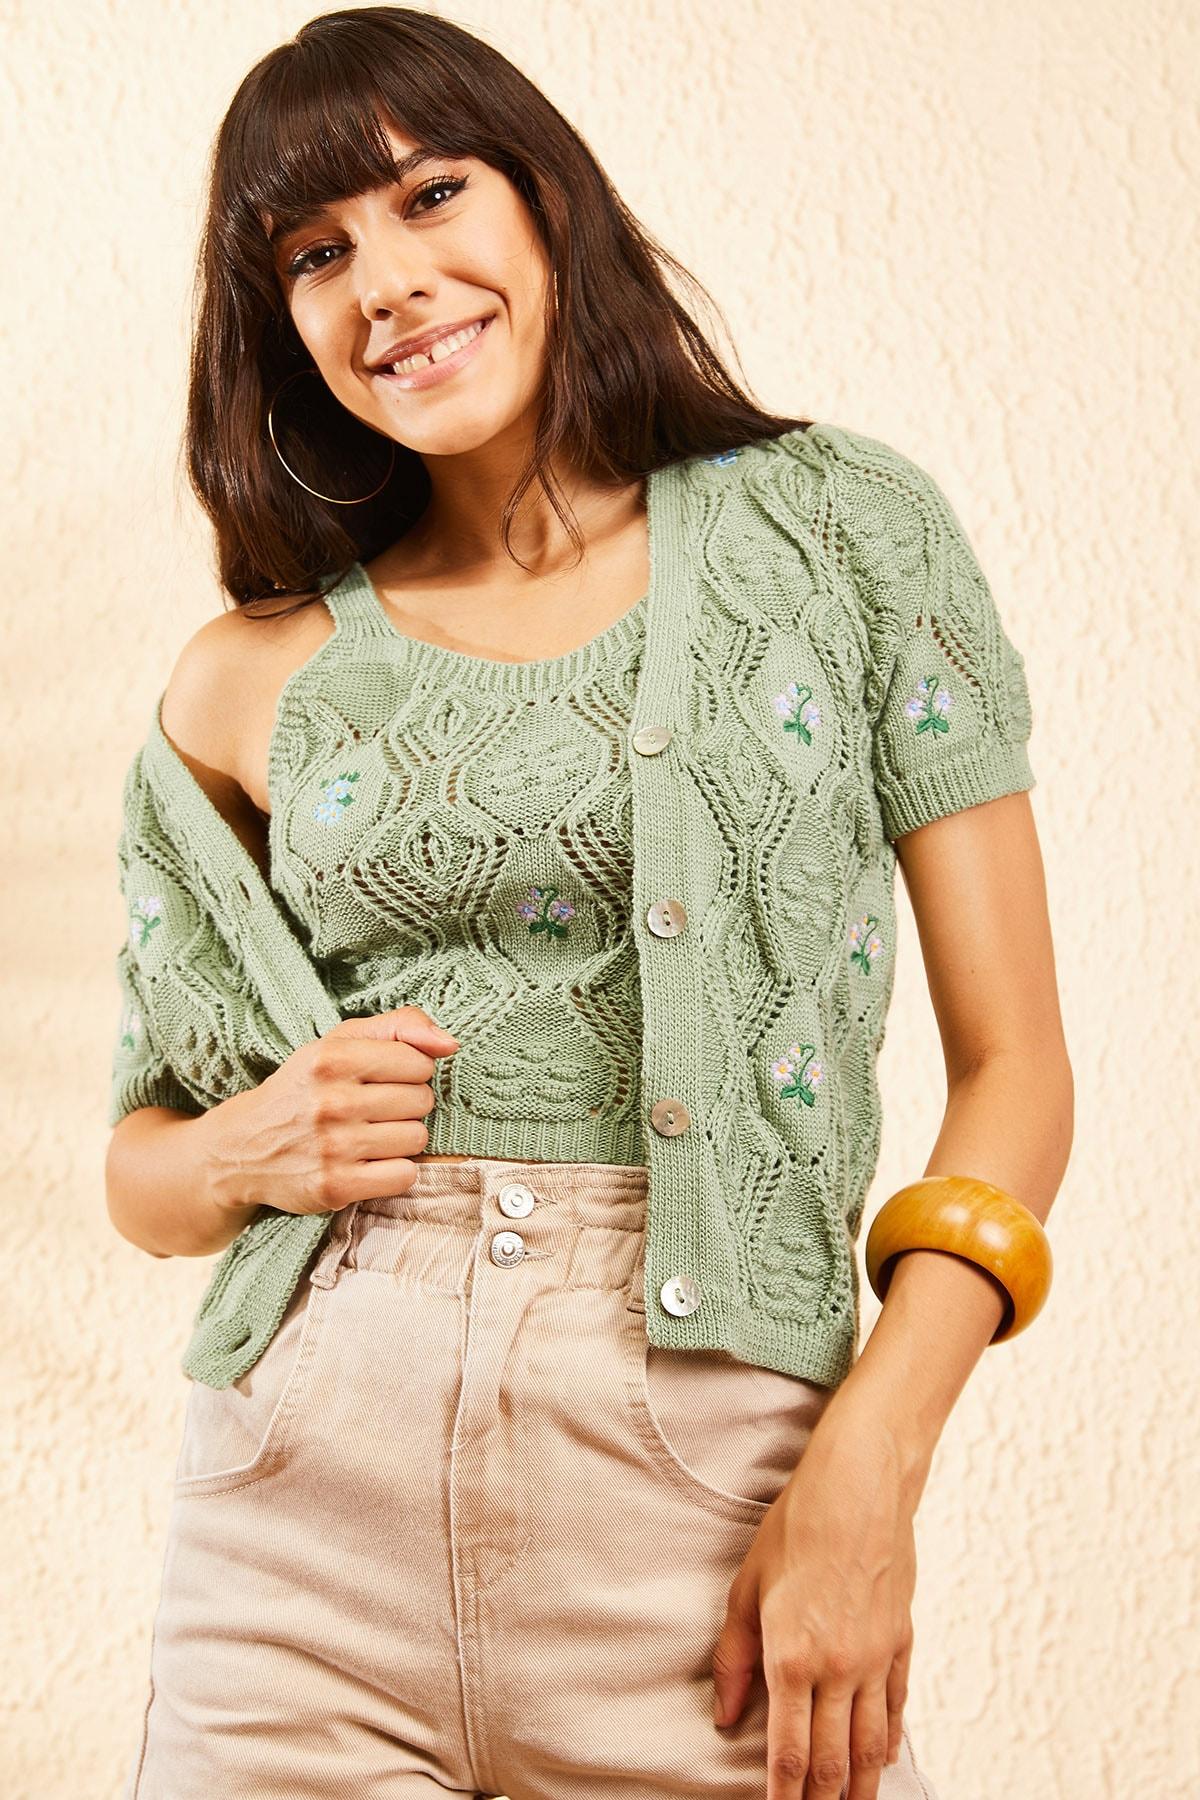 Bianco Lucci Kadın Çağla Yeşili Kadın Nakış İşlemeli Hırka ve Crop Top Bluz Triko Takım 10101032 0